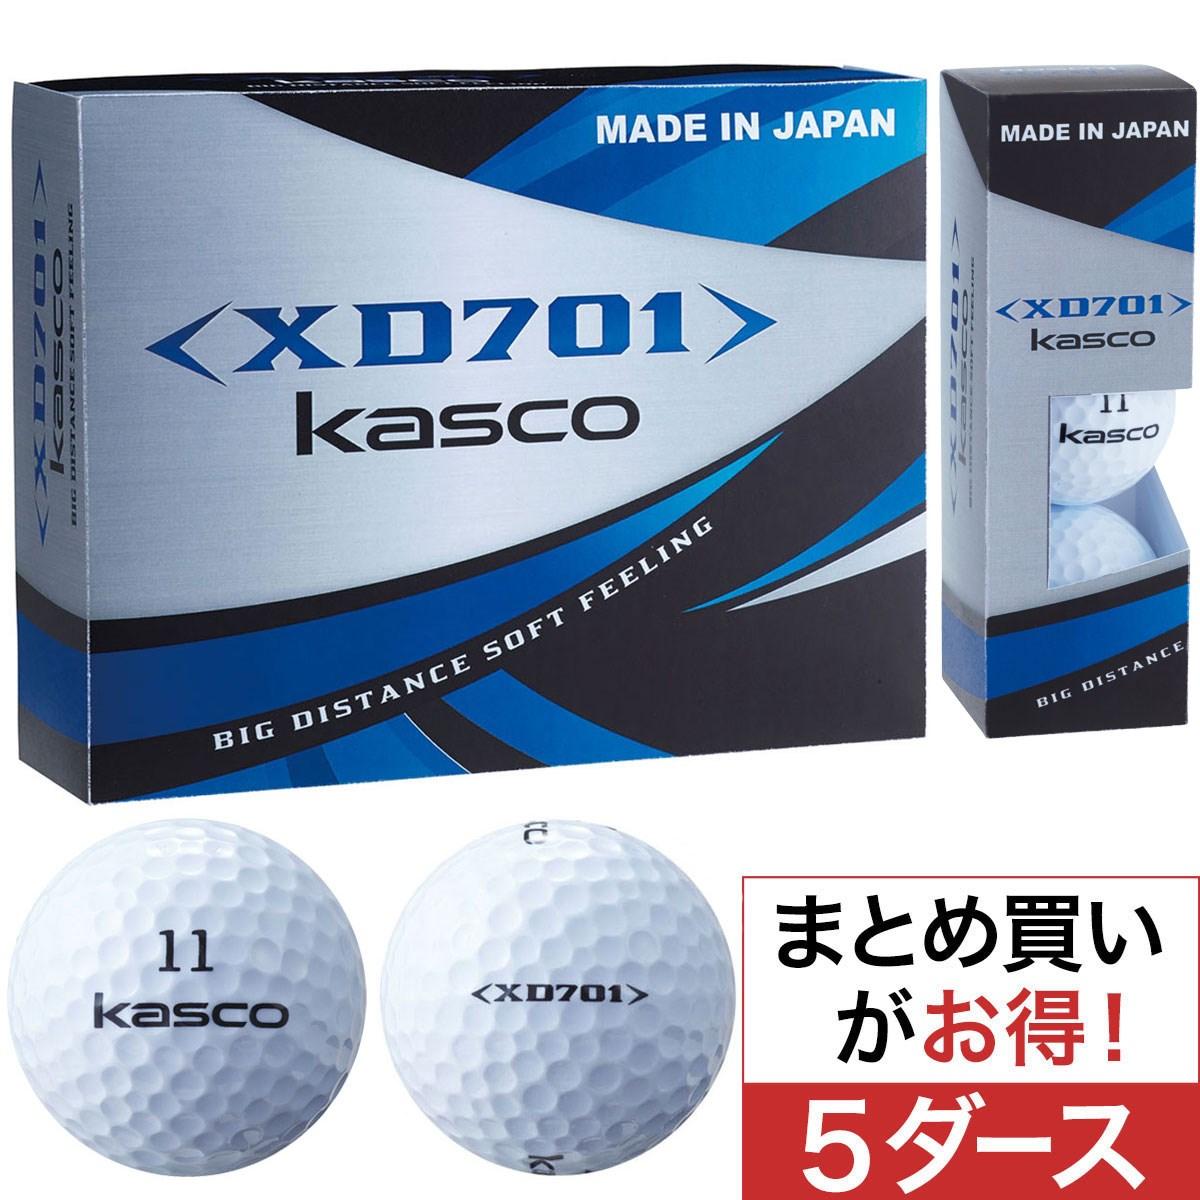 キャスコ(KASCO) XD701 2ピースボール 5ダースセット